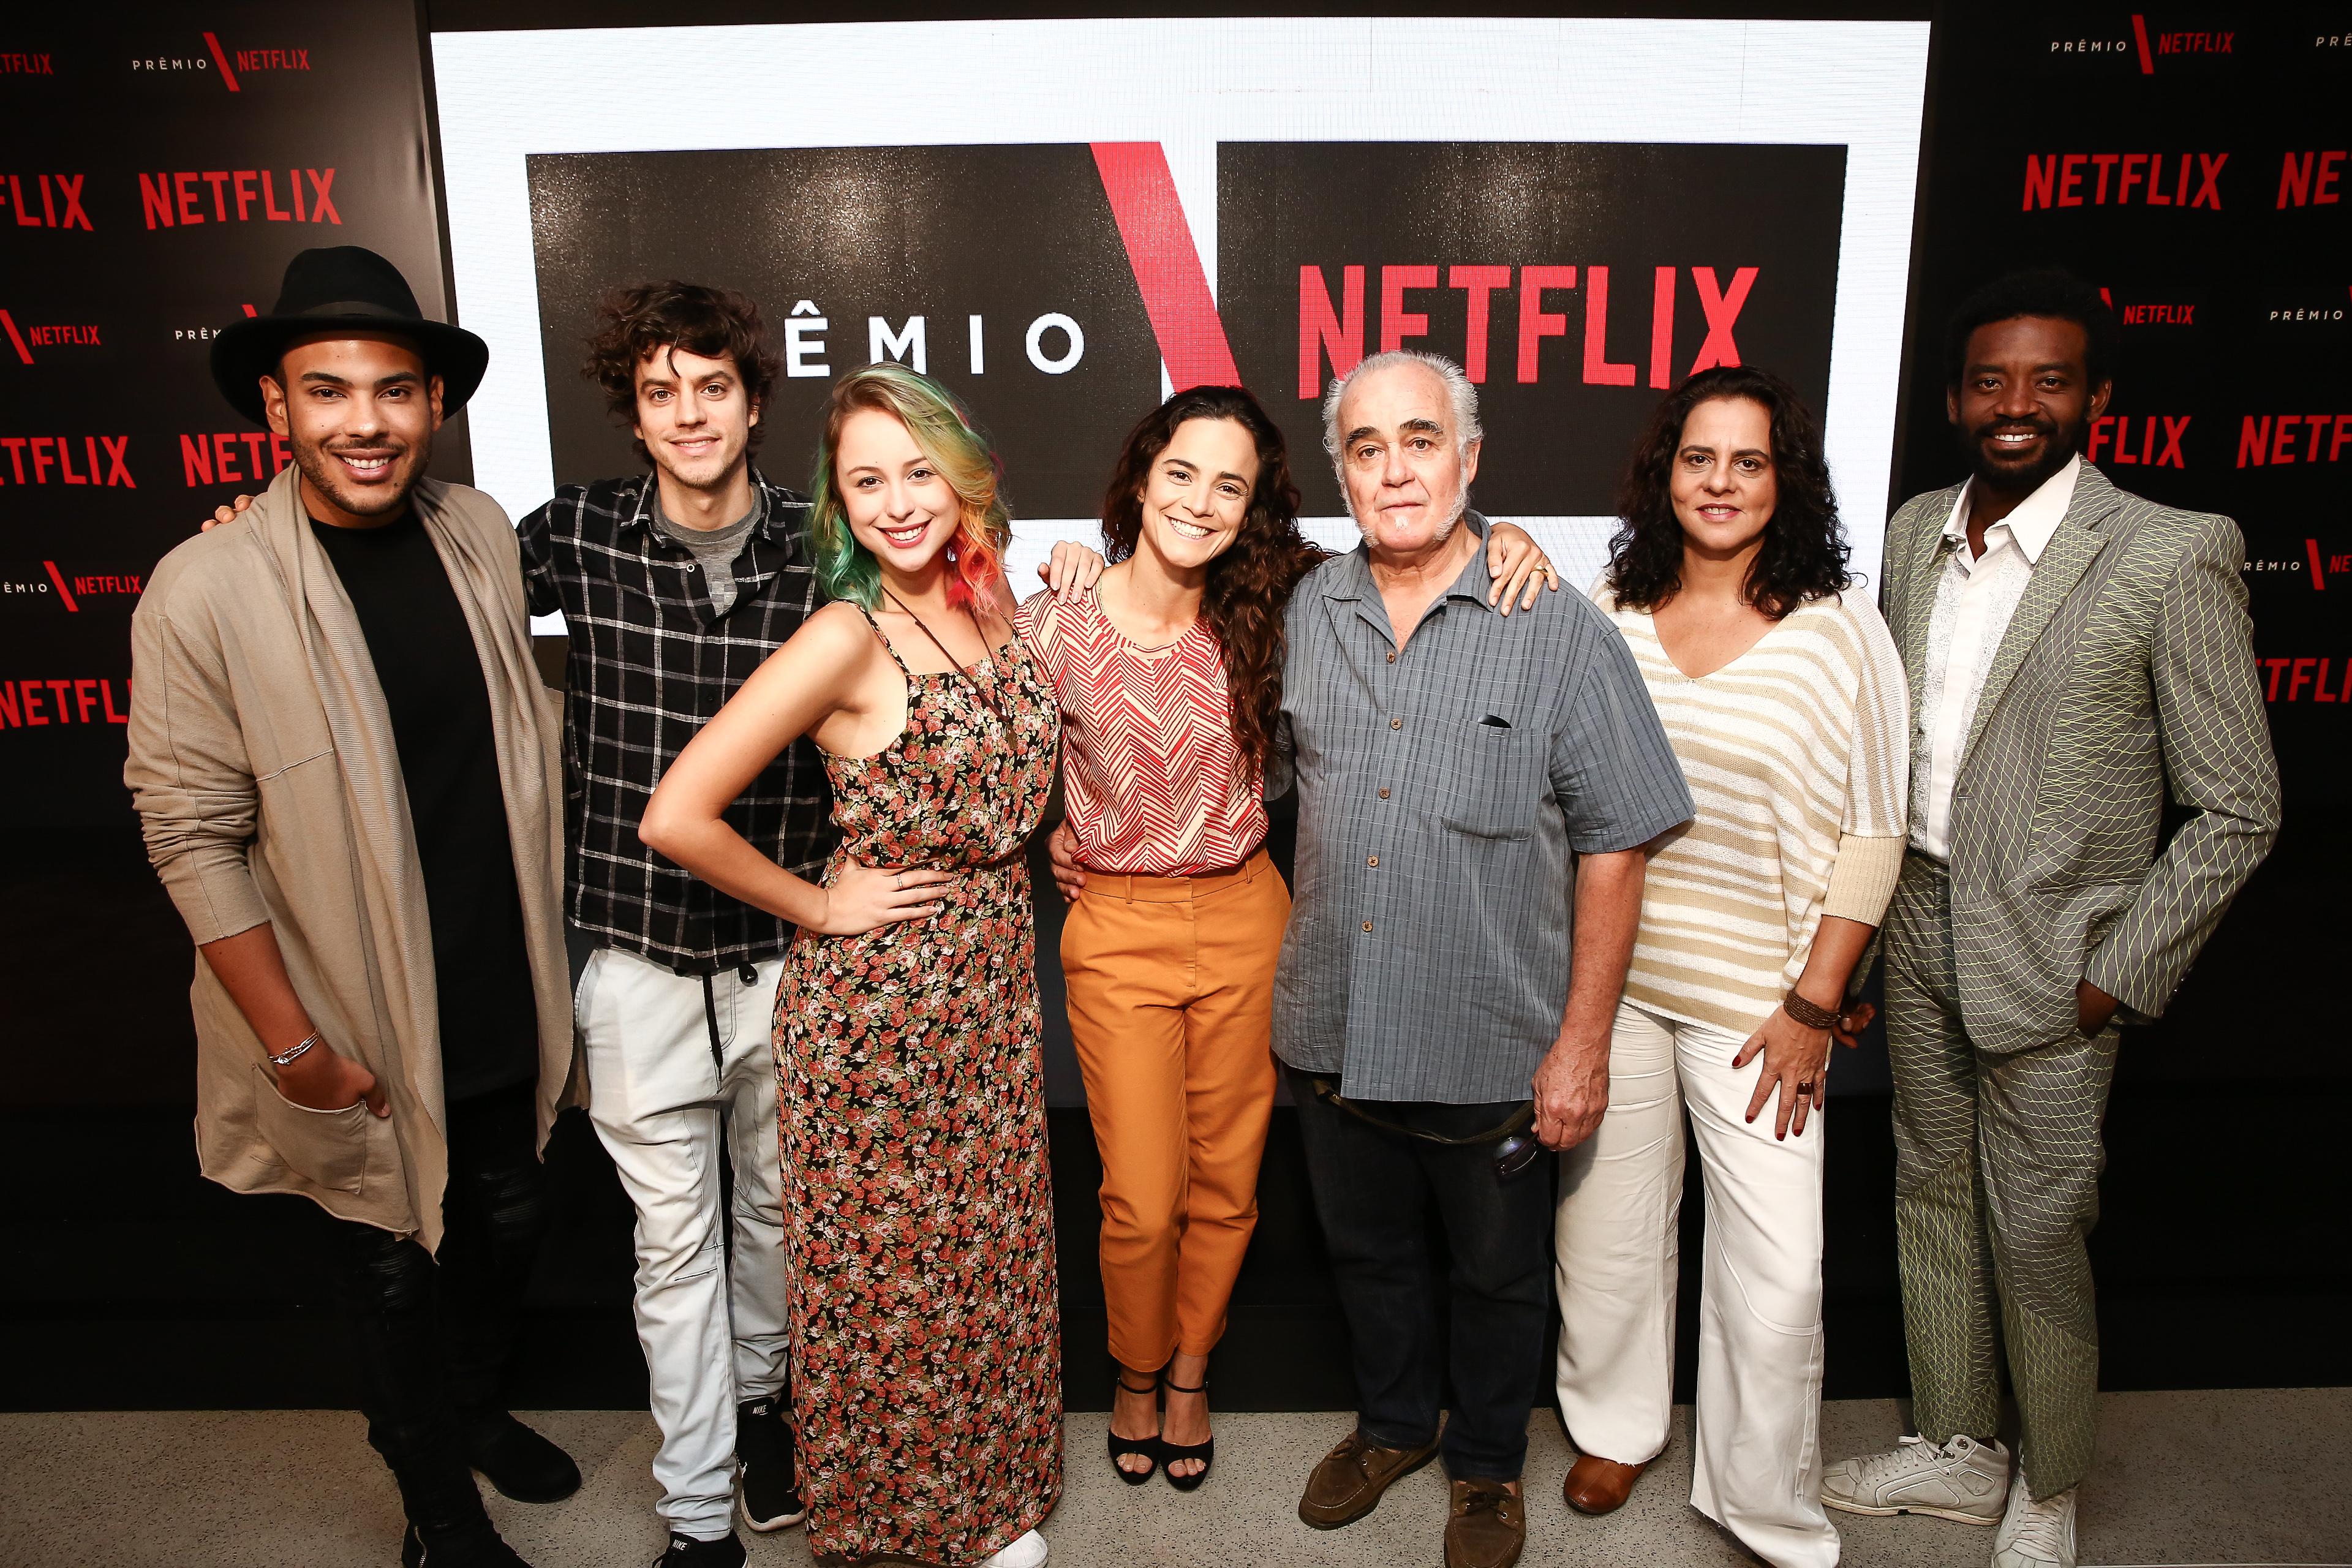 Jurados do Prêmio Netflix posam para foto em São Paulo